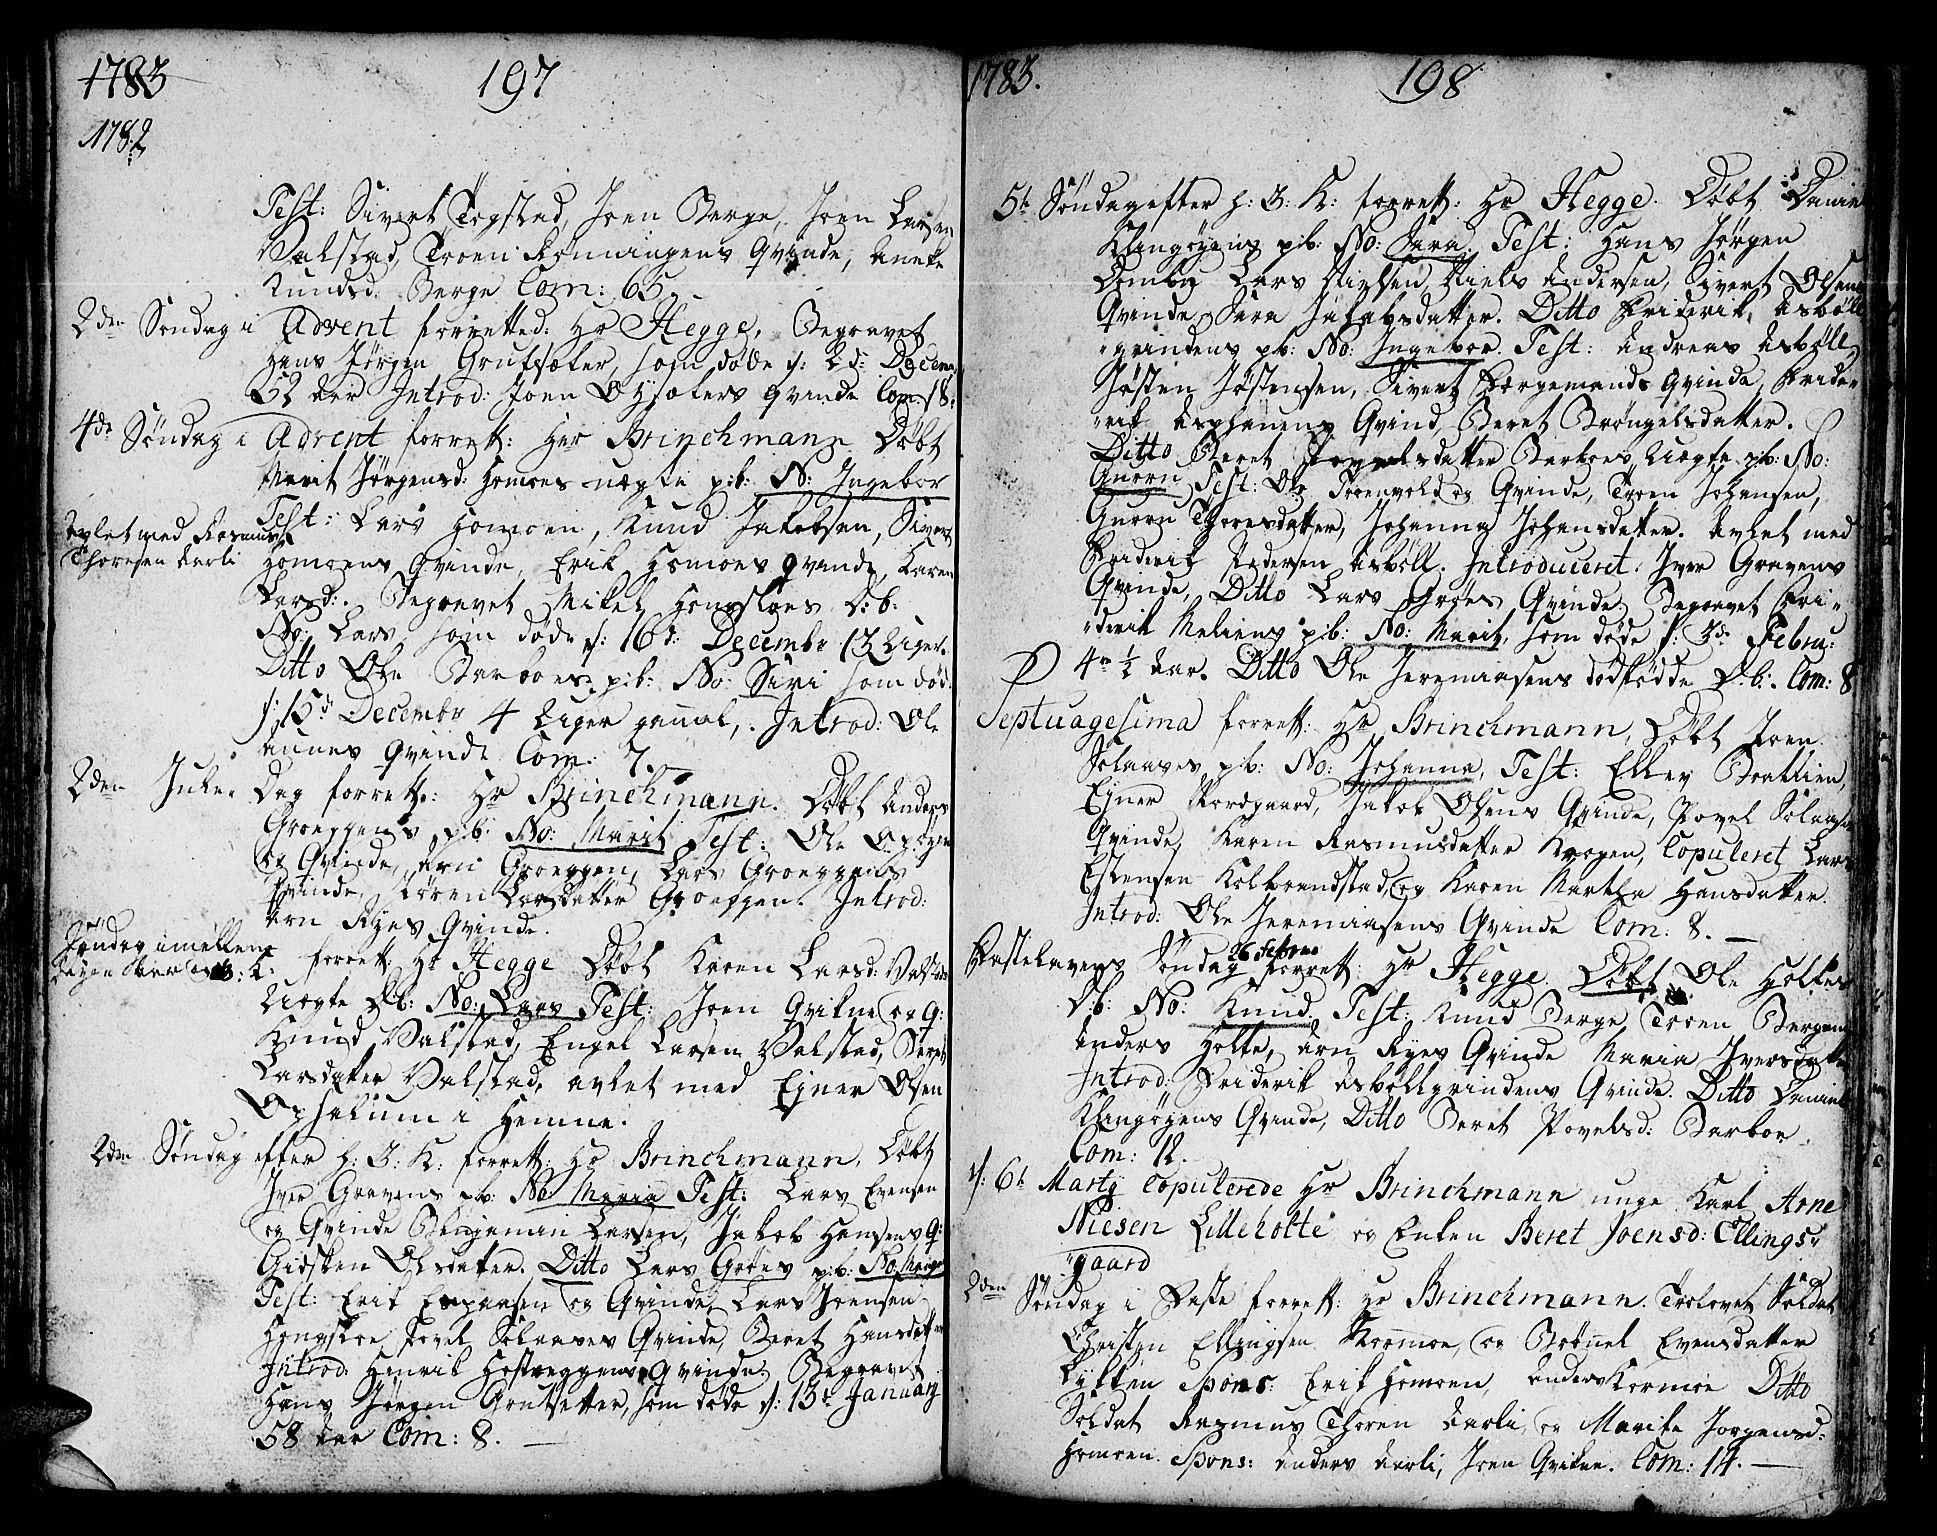 SAT, Ministerialprotokoller, klokkerbøker og fødselsregistre - Sør-Trøndelag, 671/L0840: Ministerialbok nr. 671A02, 1756-1794, s. 297-298